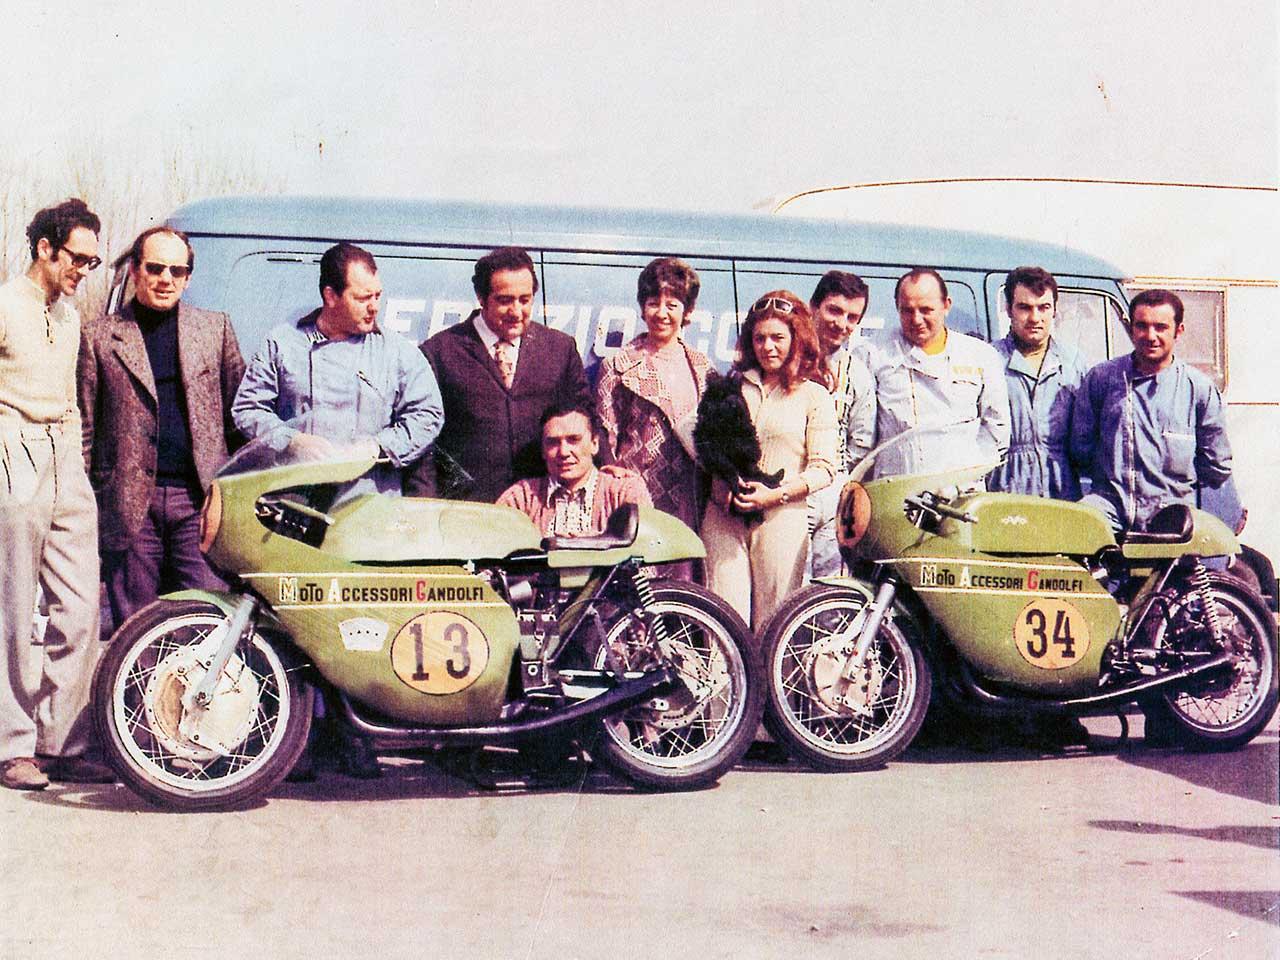 Paton_Storia-Anni70_Gallina-e-Bonalumi-Team-Paton-Completo-Modena-1972